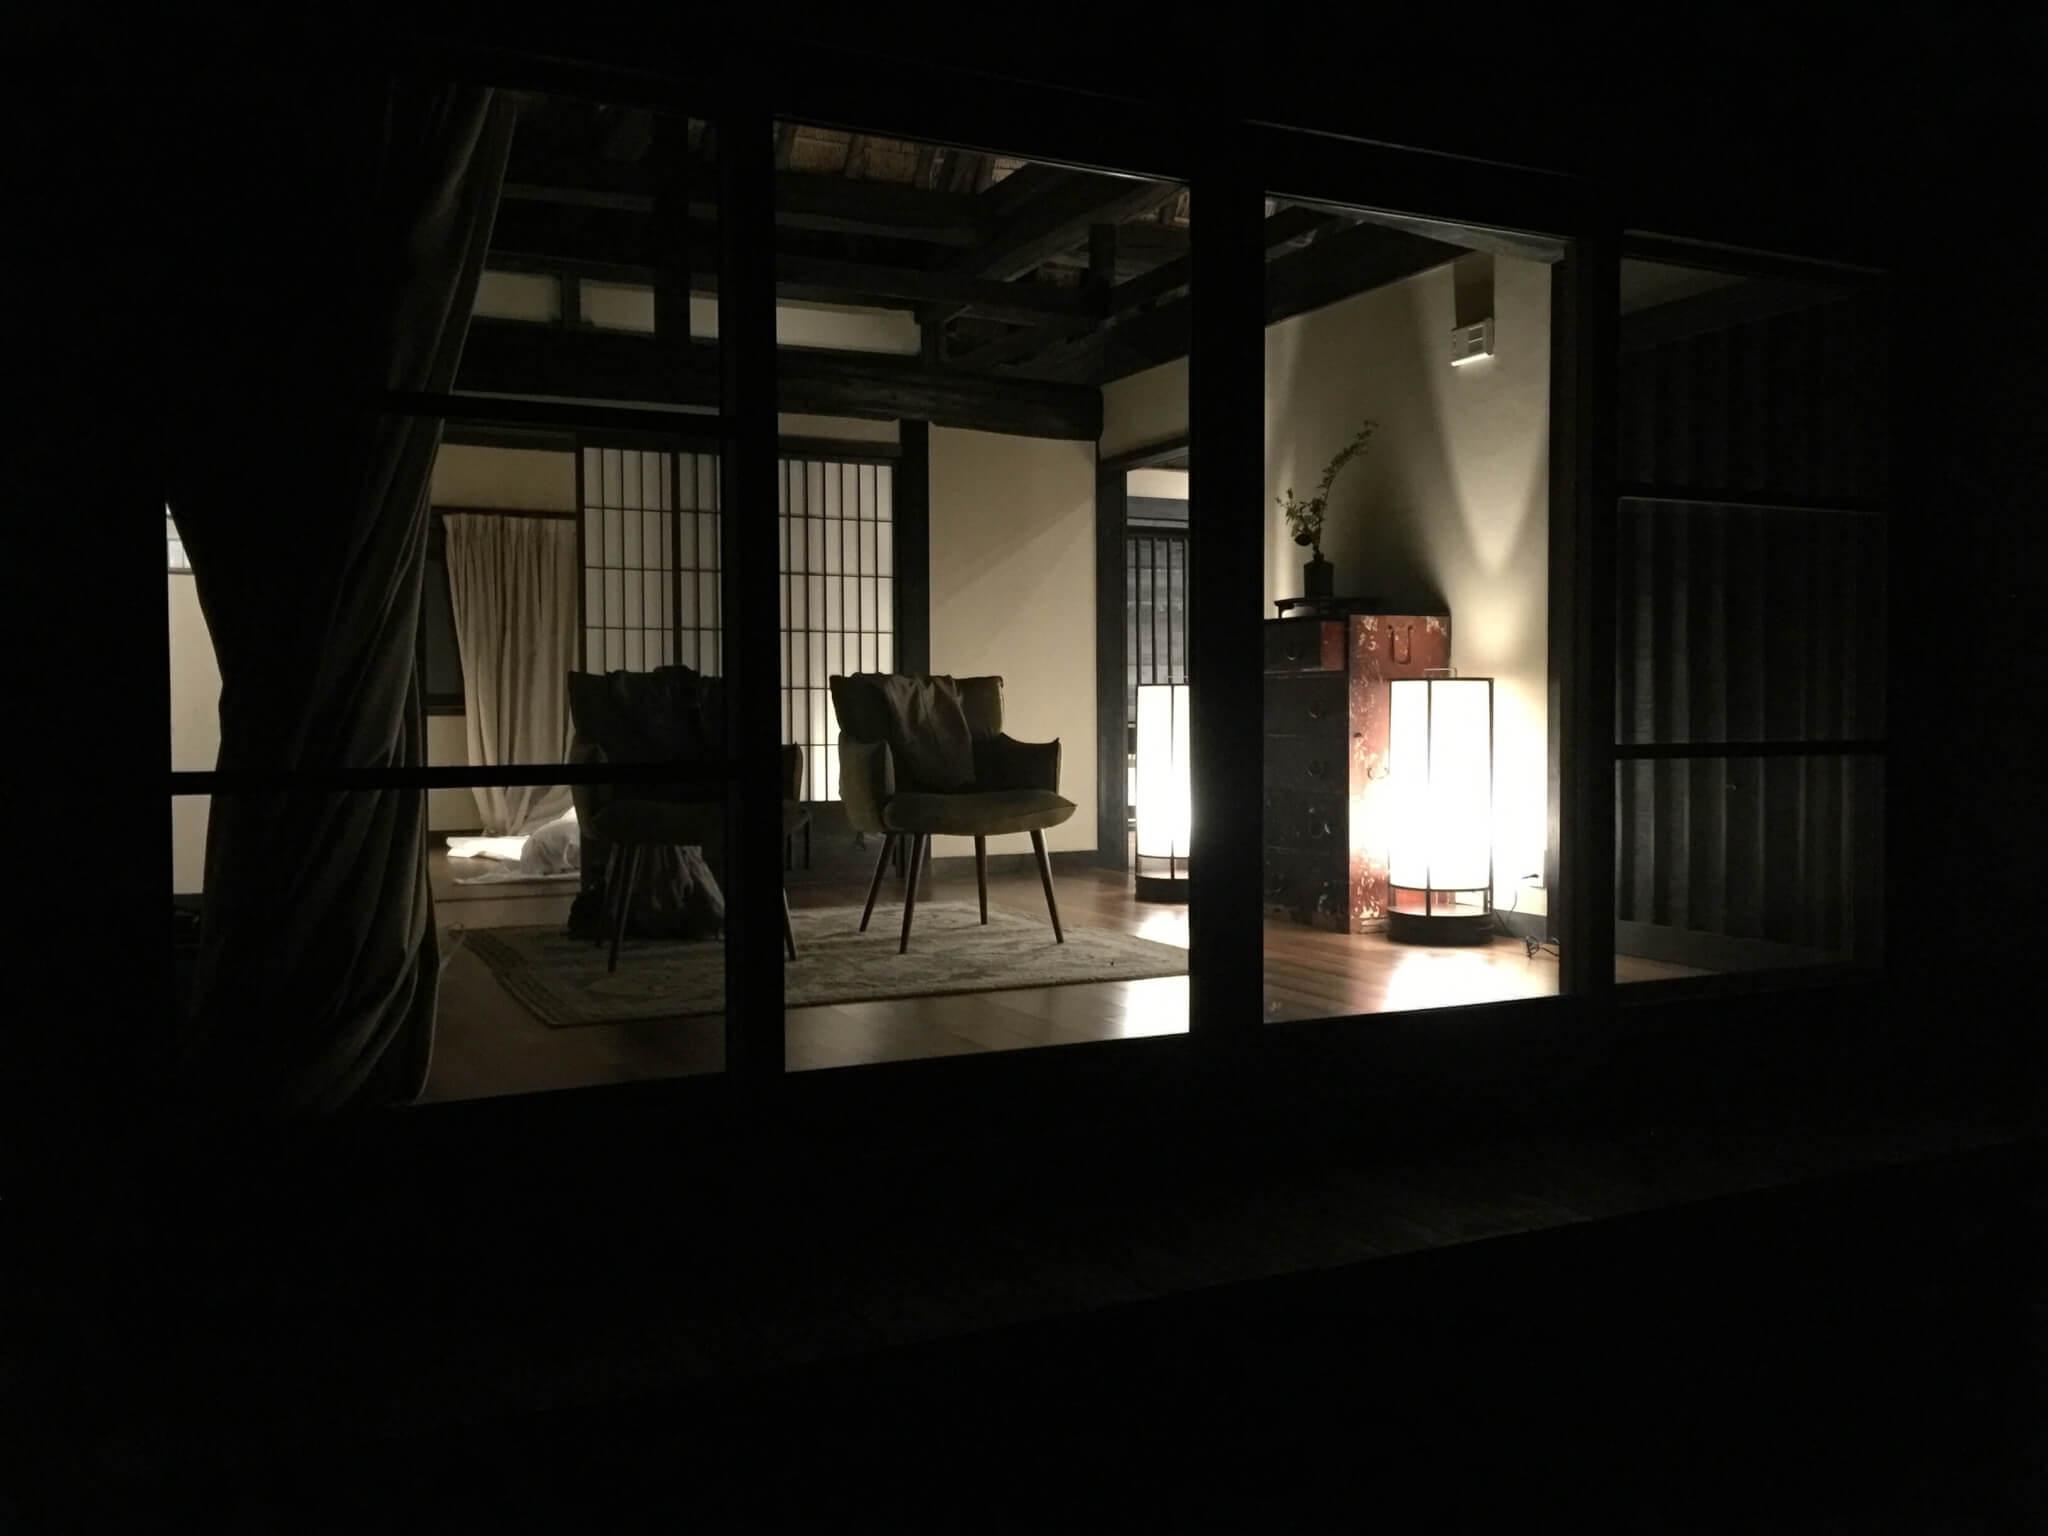 徳島・桃源郷祖谷の山里の天一方の内装